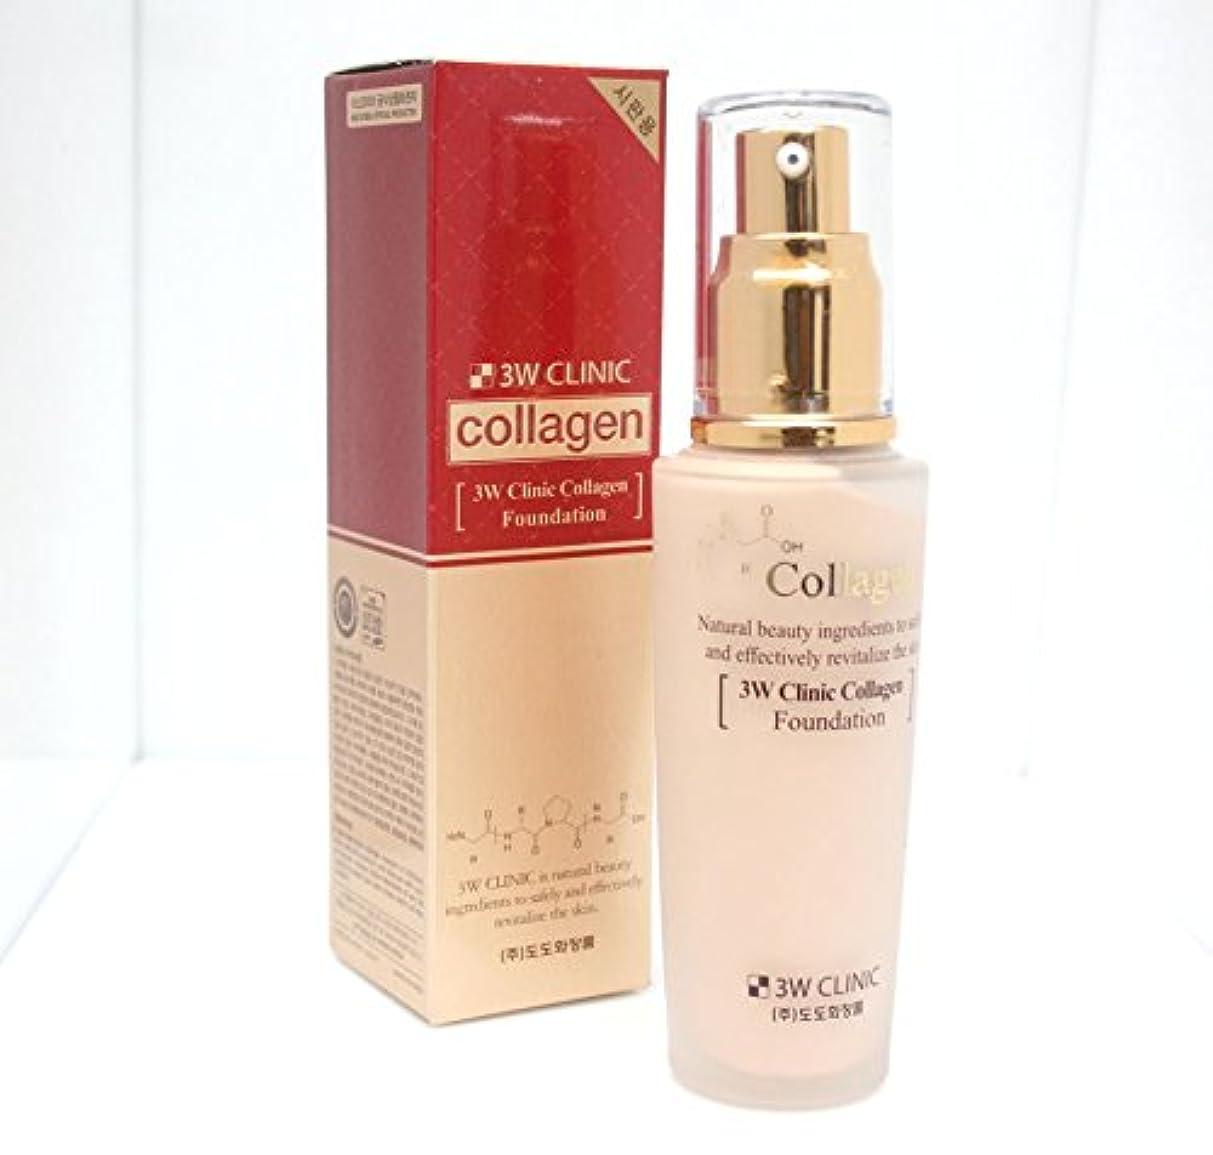 はず不愉快疑問を超えて[3w Clinic]  コラーゲンファンデーション50ml / Collagen Foundation 50ml/ パーフェクトカバーBBクリーム / 21クリアベージュ / Perfect Cover BB Cream...